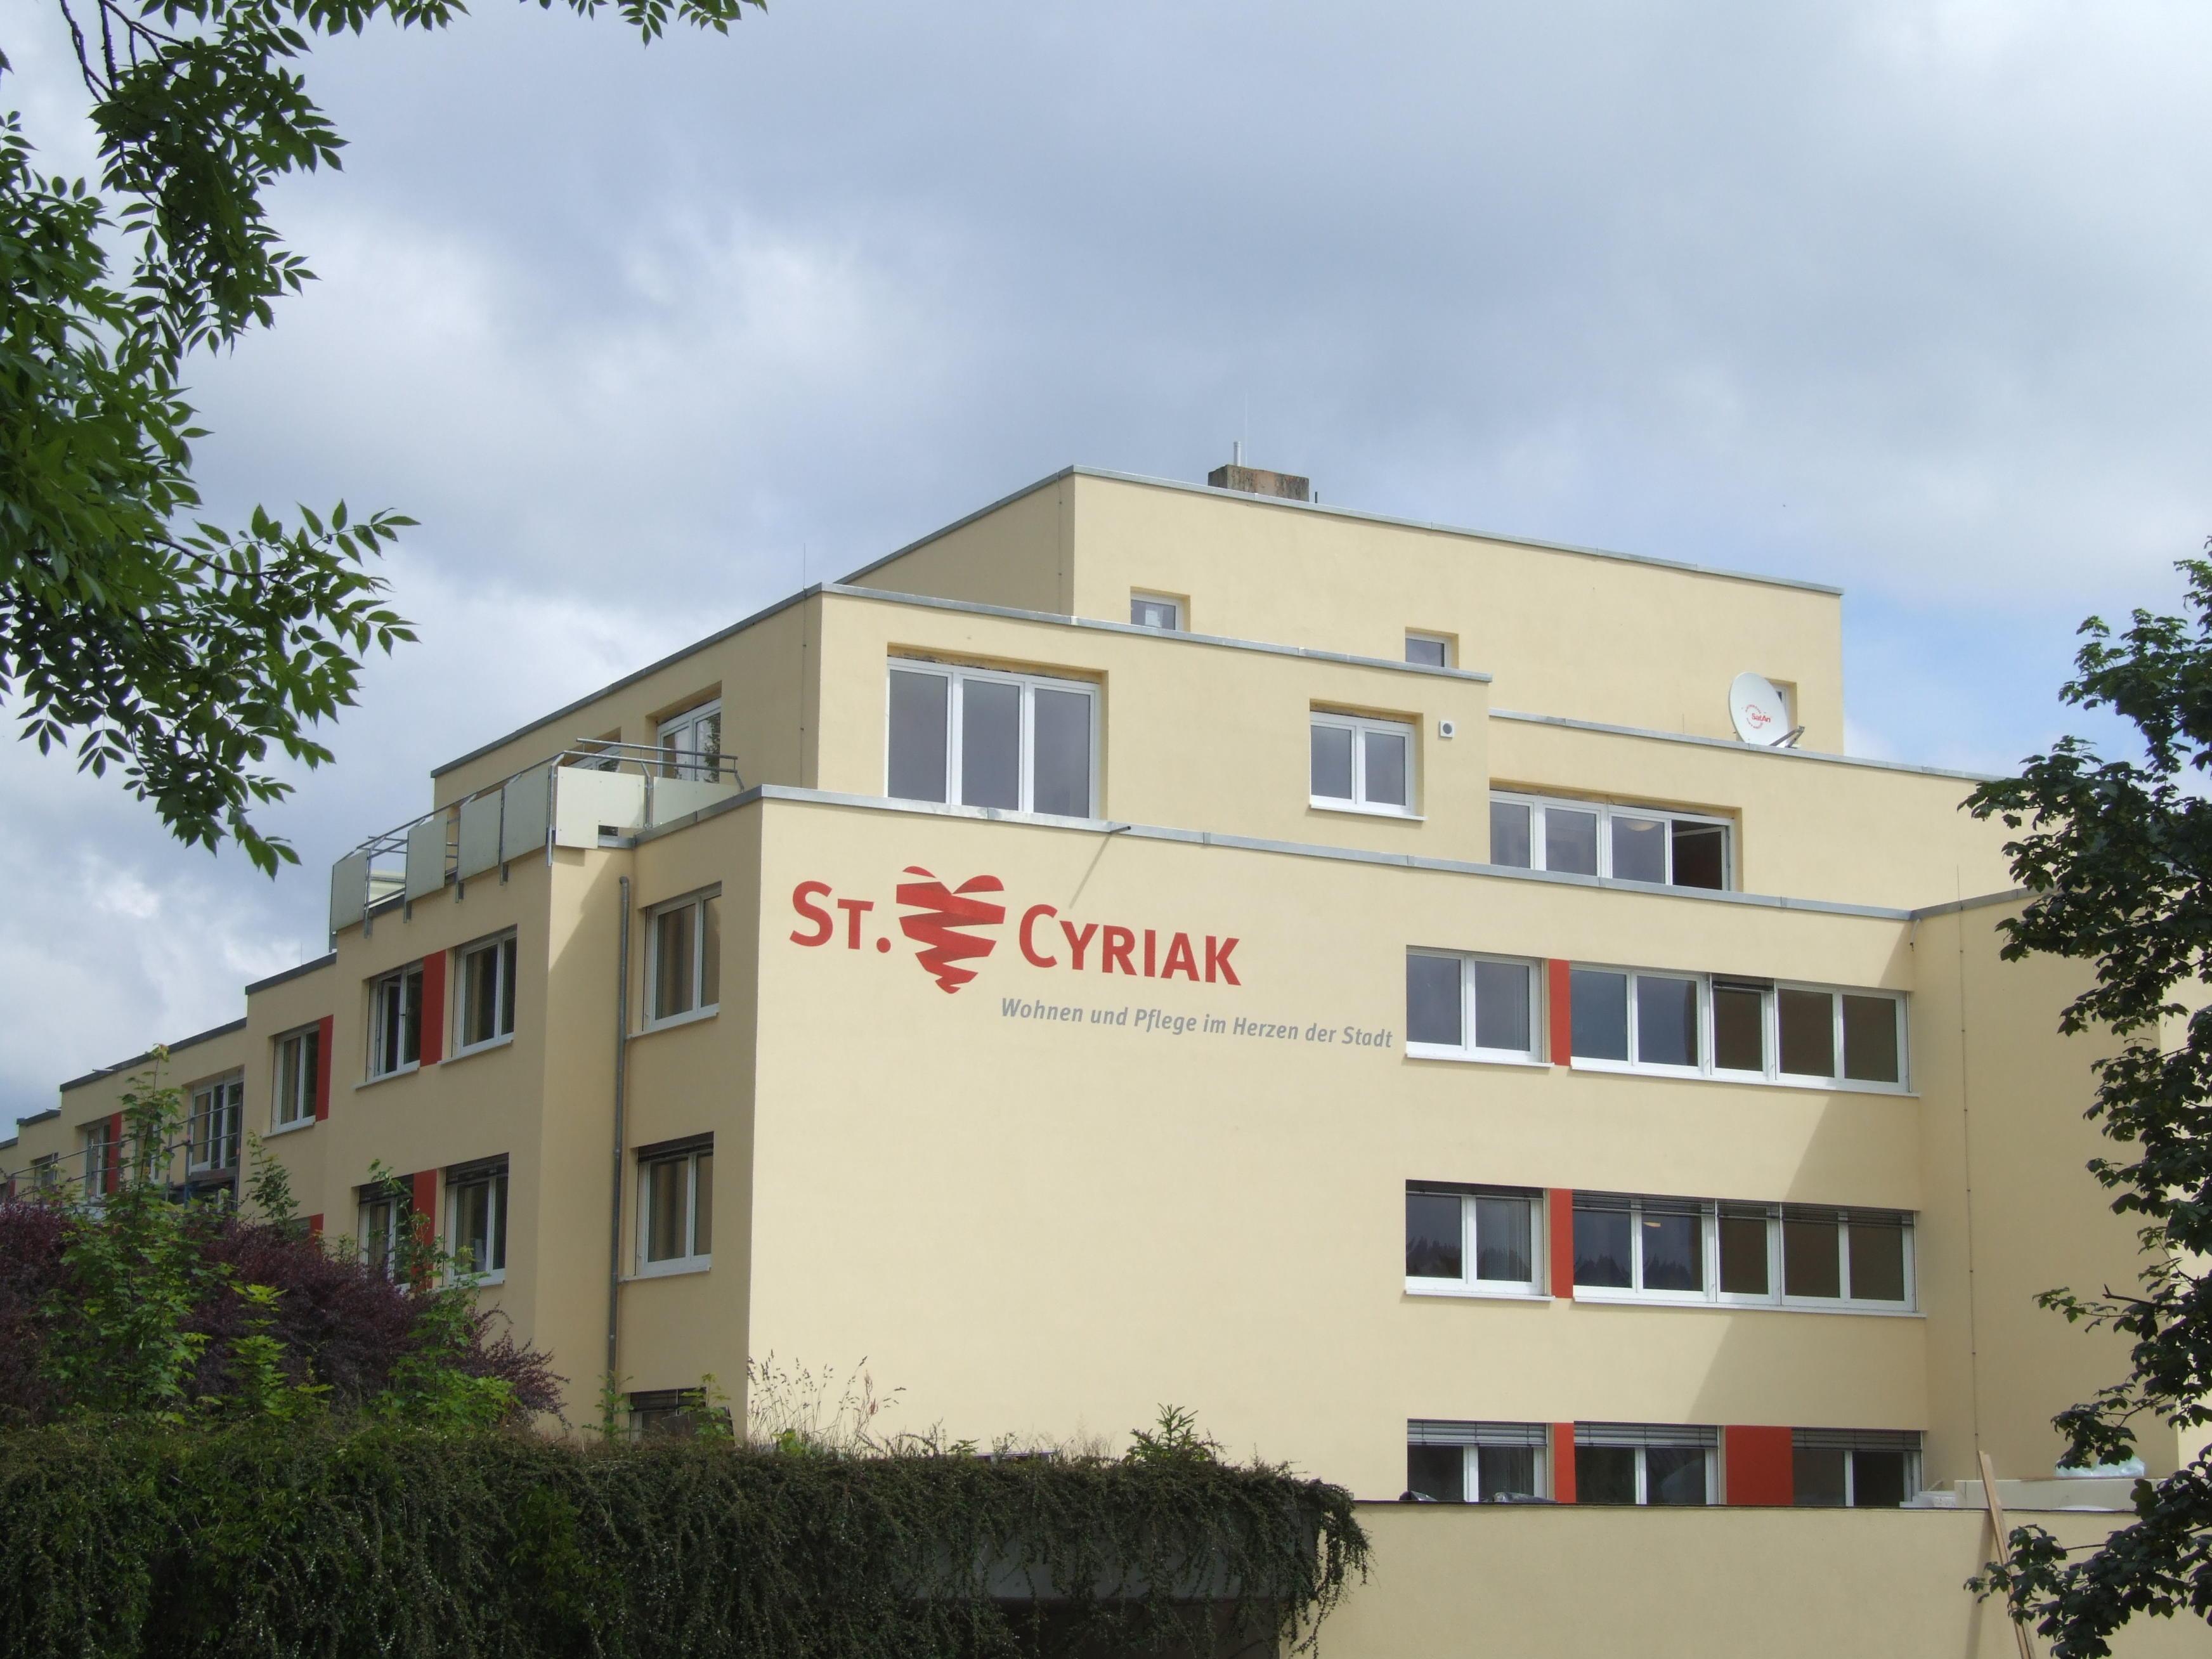 St. Cyriak, Wohnen und Pflege im Herzen der Stadt